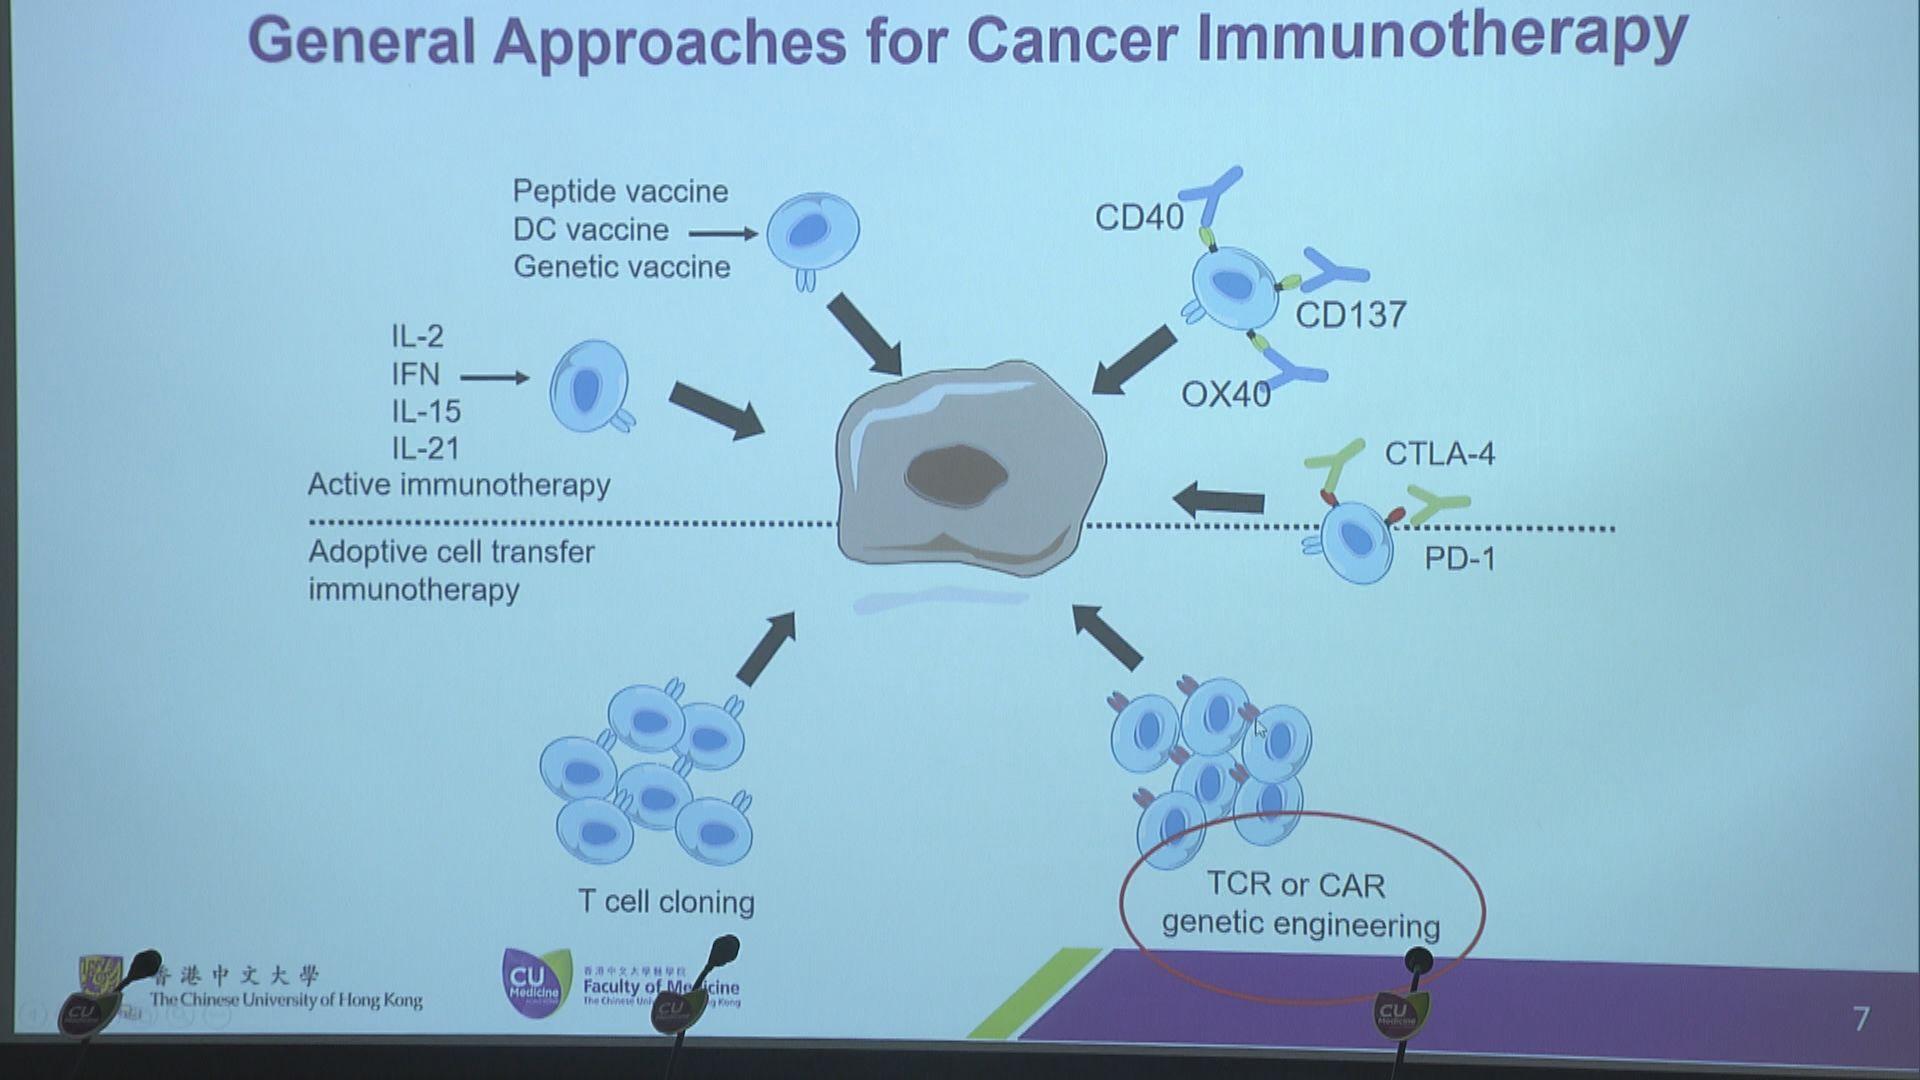 中大計劃成立實驗室研究癌症免疫治療